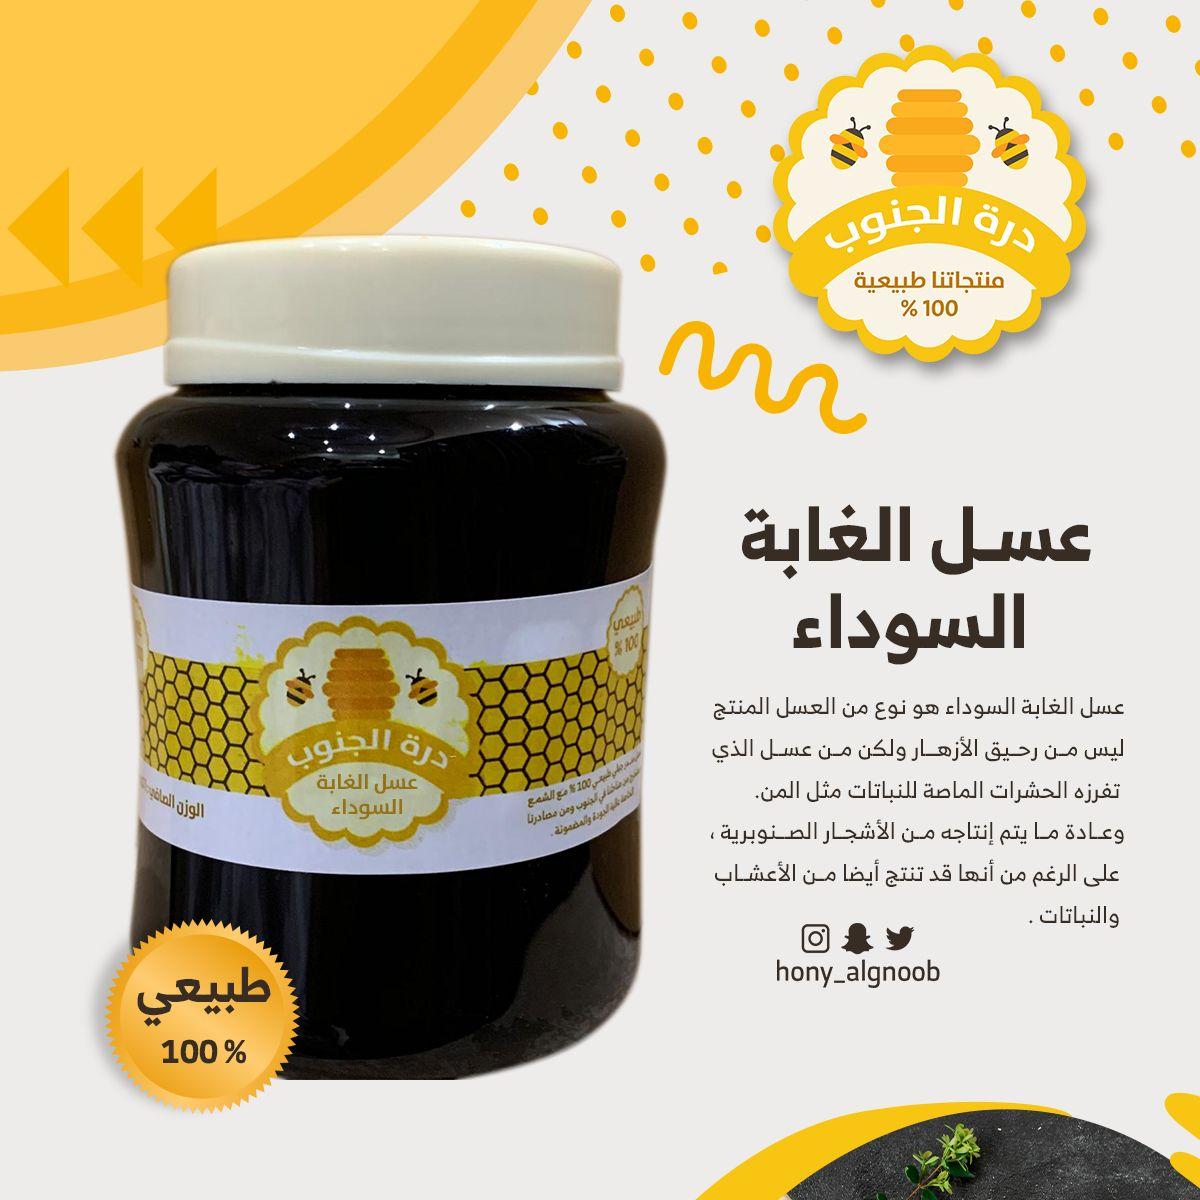 فوائد عسل الغابة السوداء عسل درة الجنوب علاج كرستول الدم علاج التهابات المفاصل عسل طبيعي